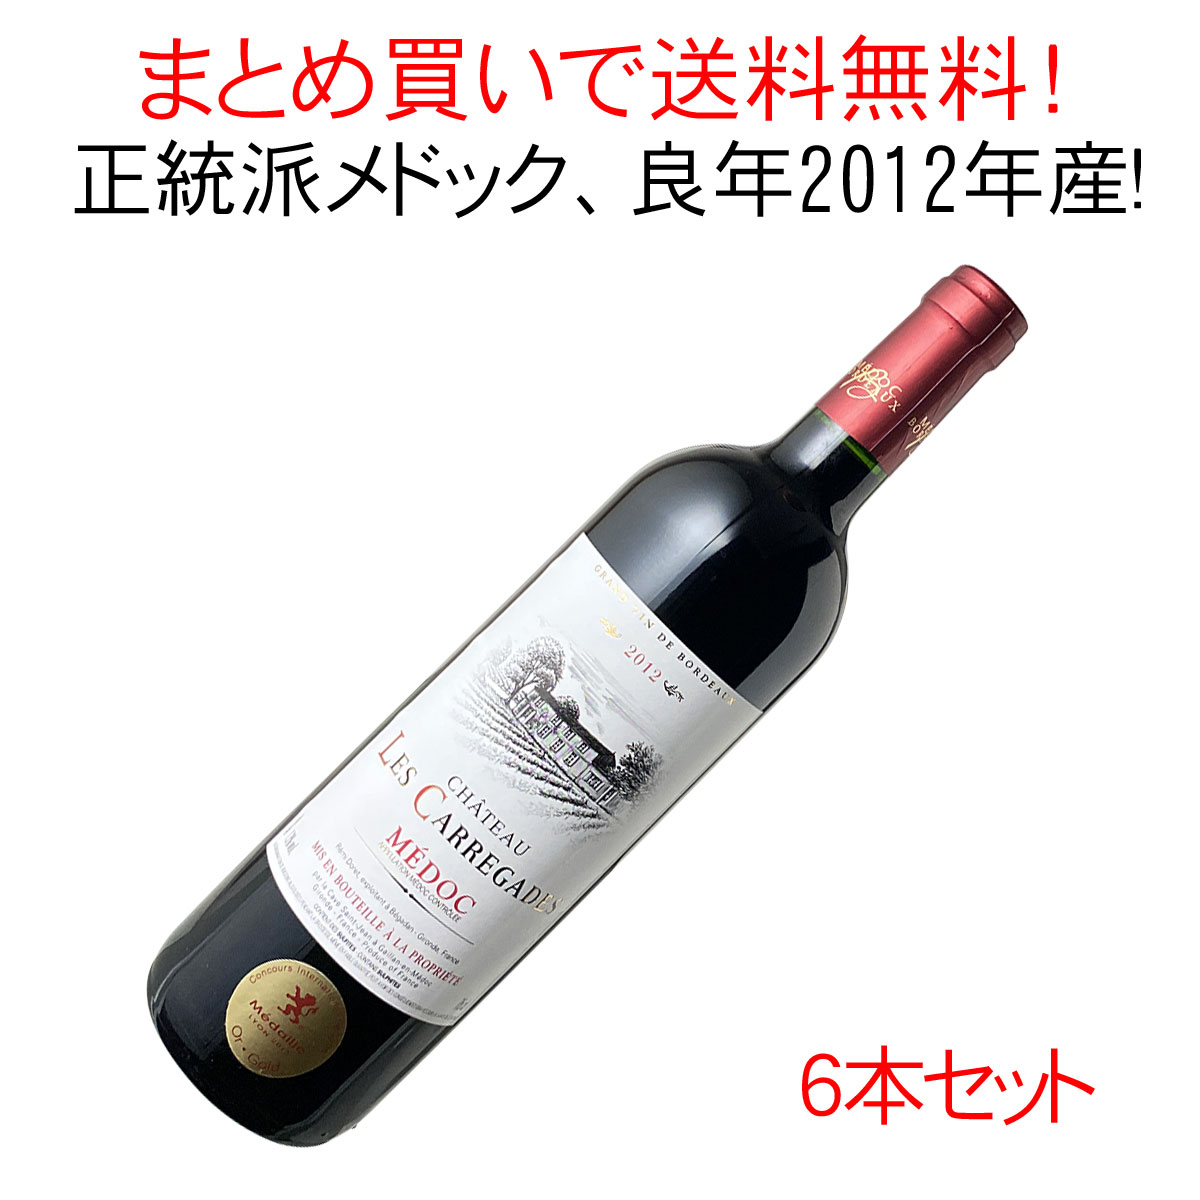 【送料無料】シャトー・レ・カレガッド [2012] 1ケース6本セット <ワイン/ボルドー>